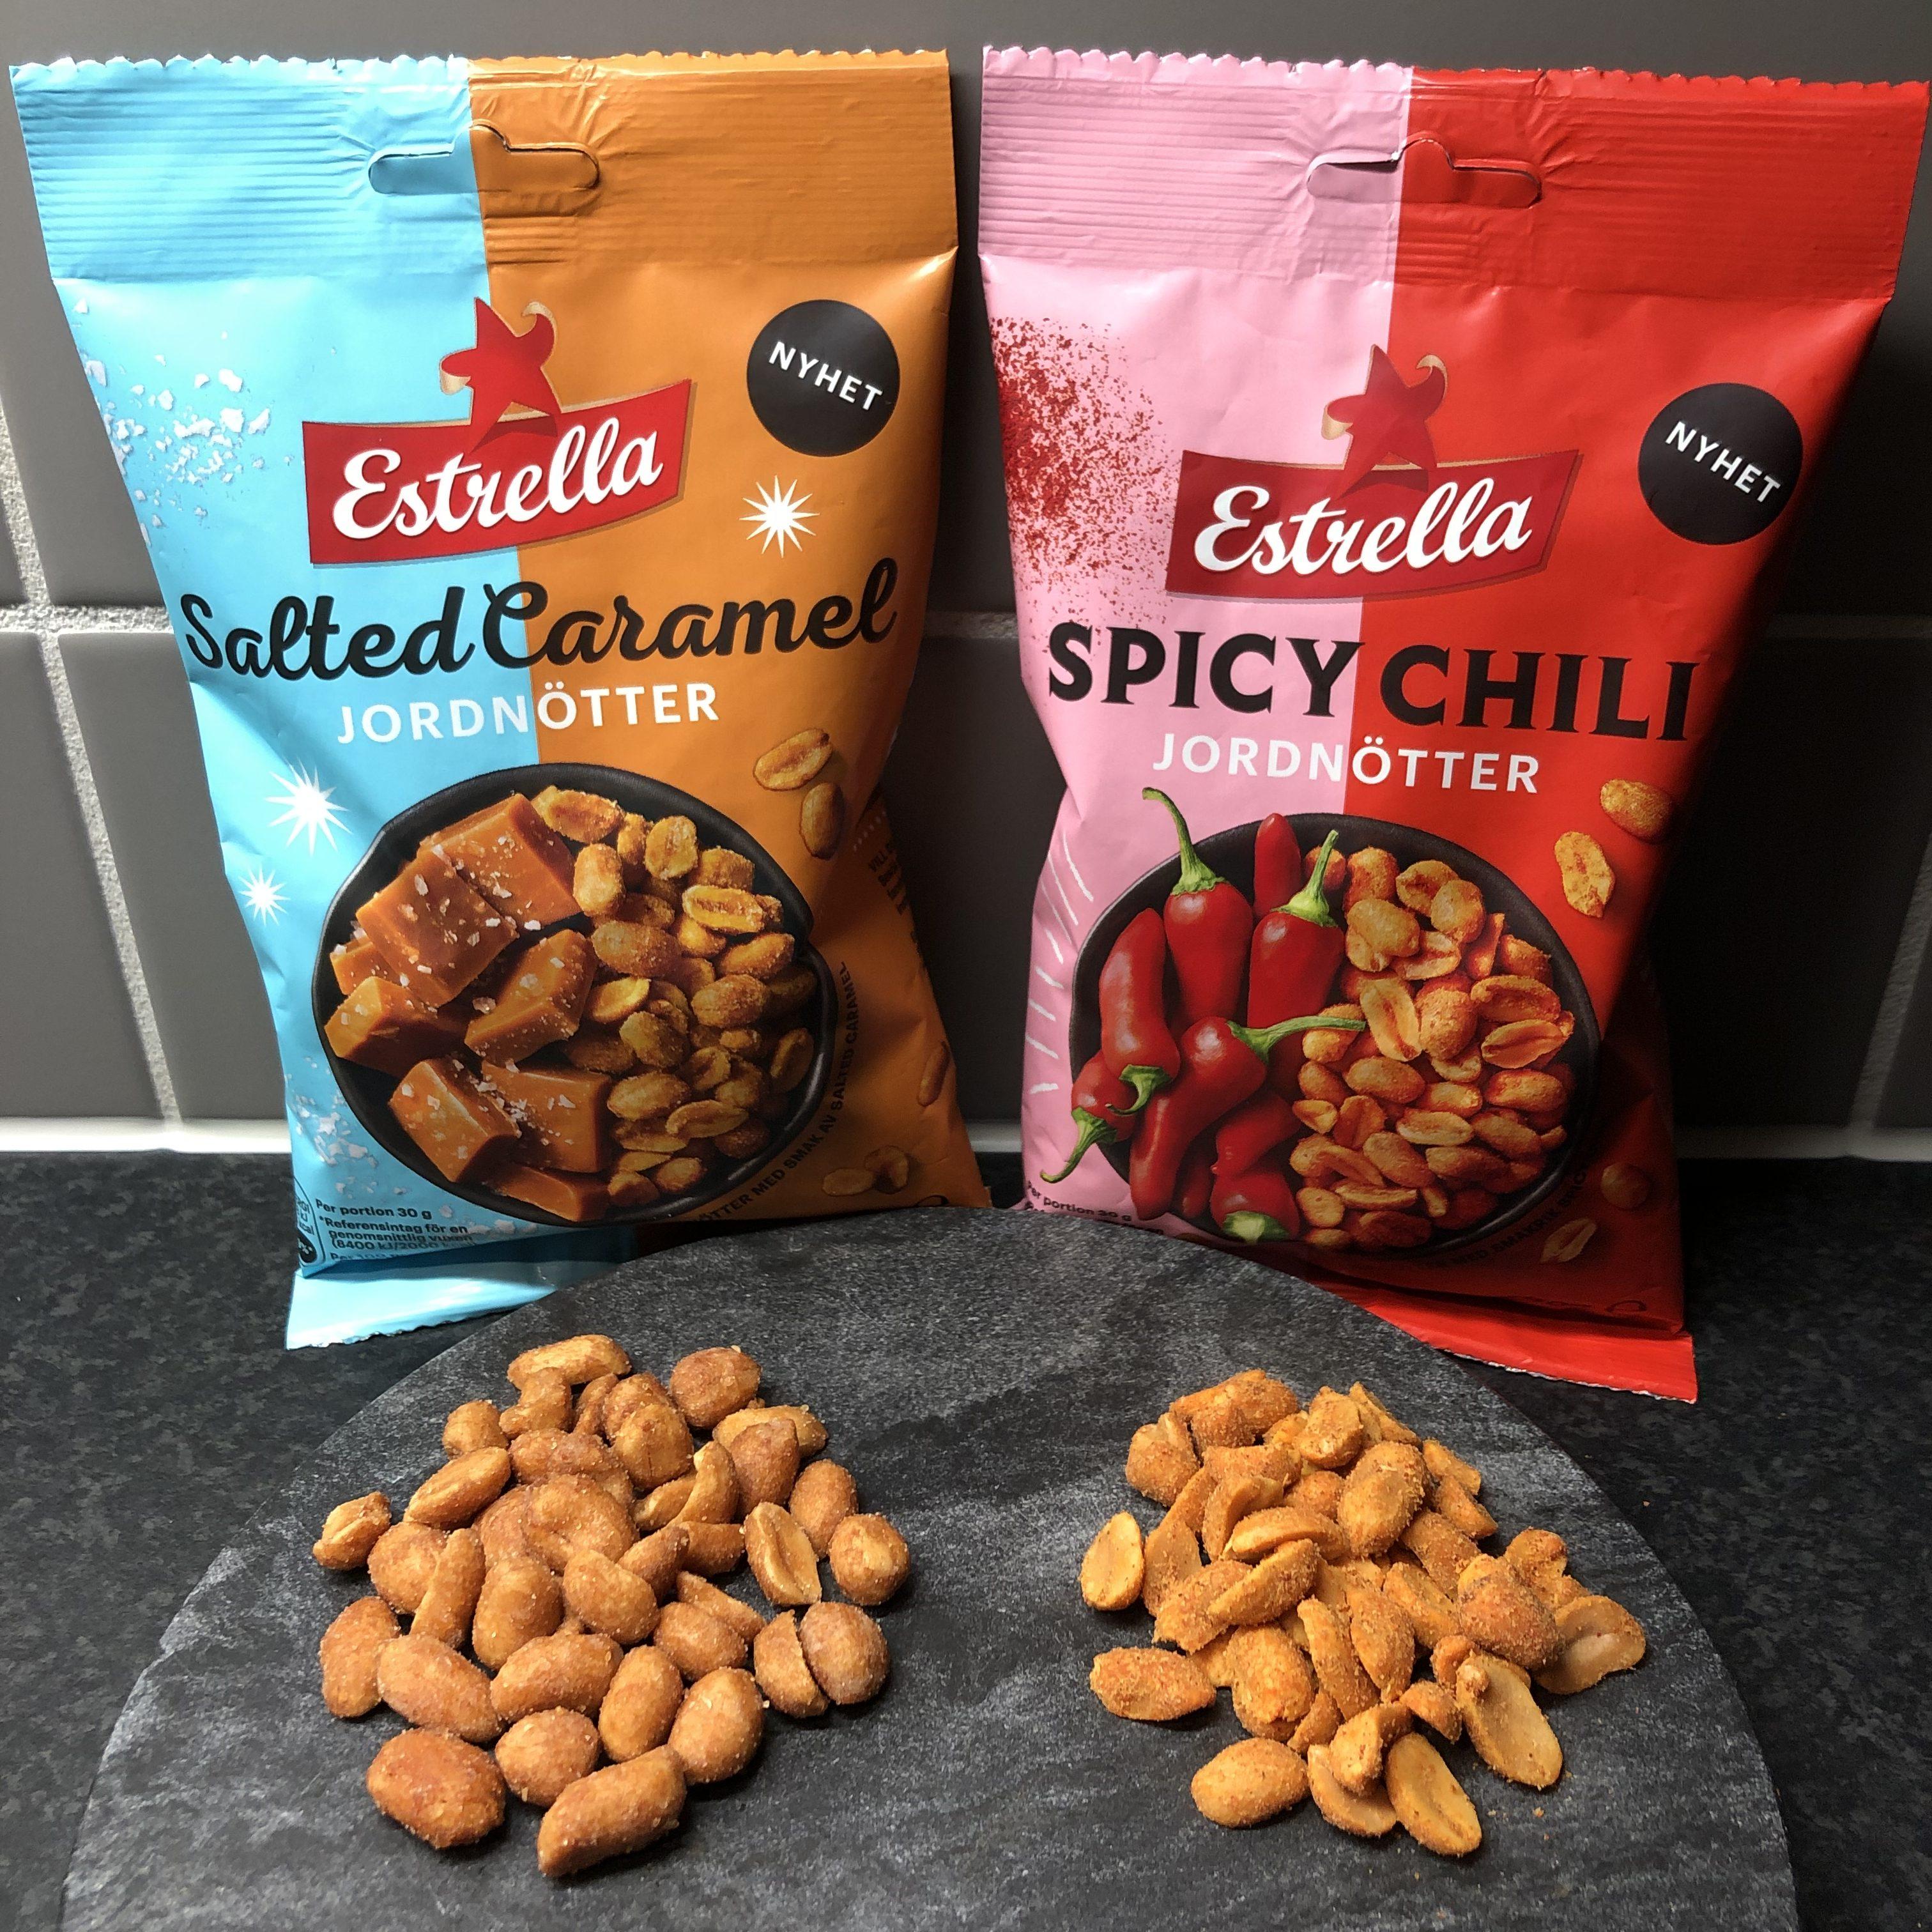 Estrella Jordnötter Salted Caramel och Spicy Chili